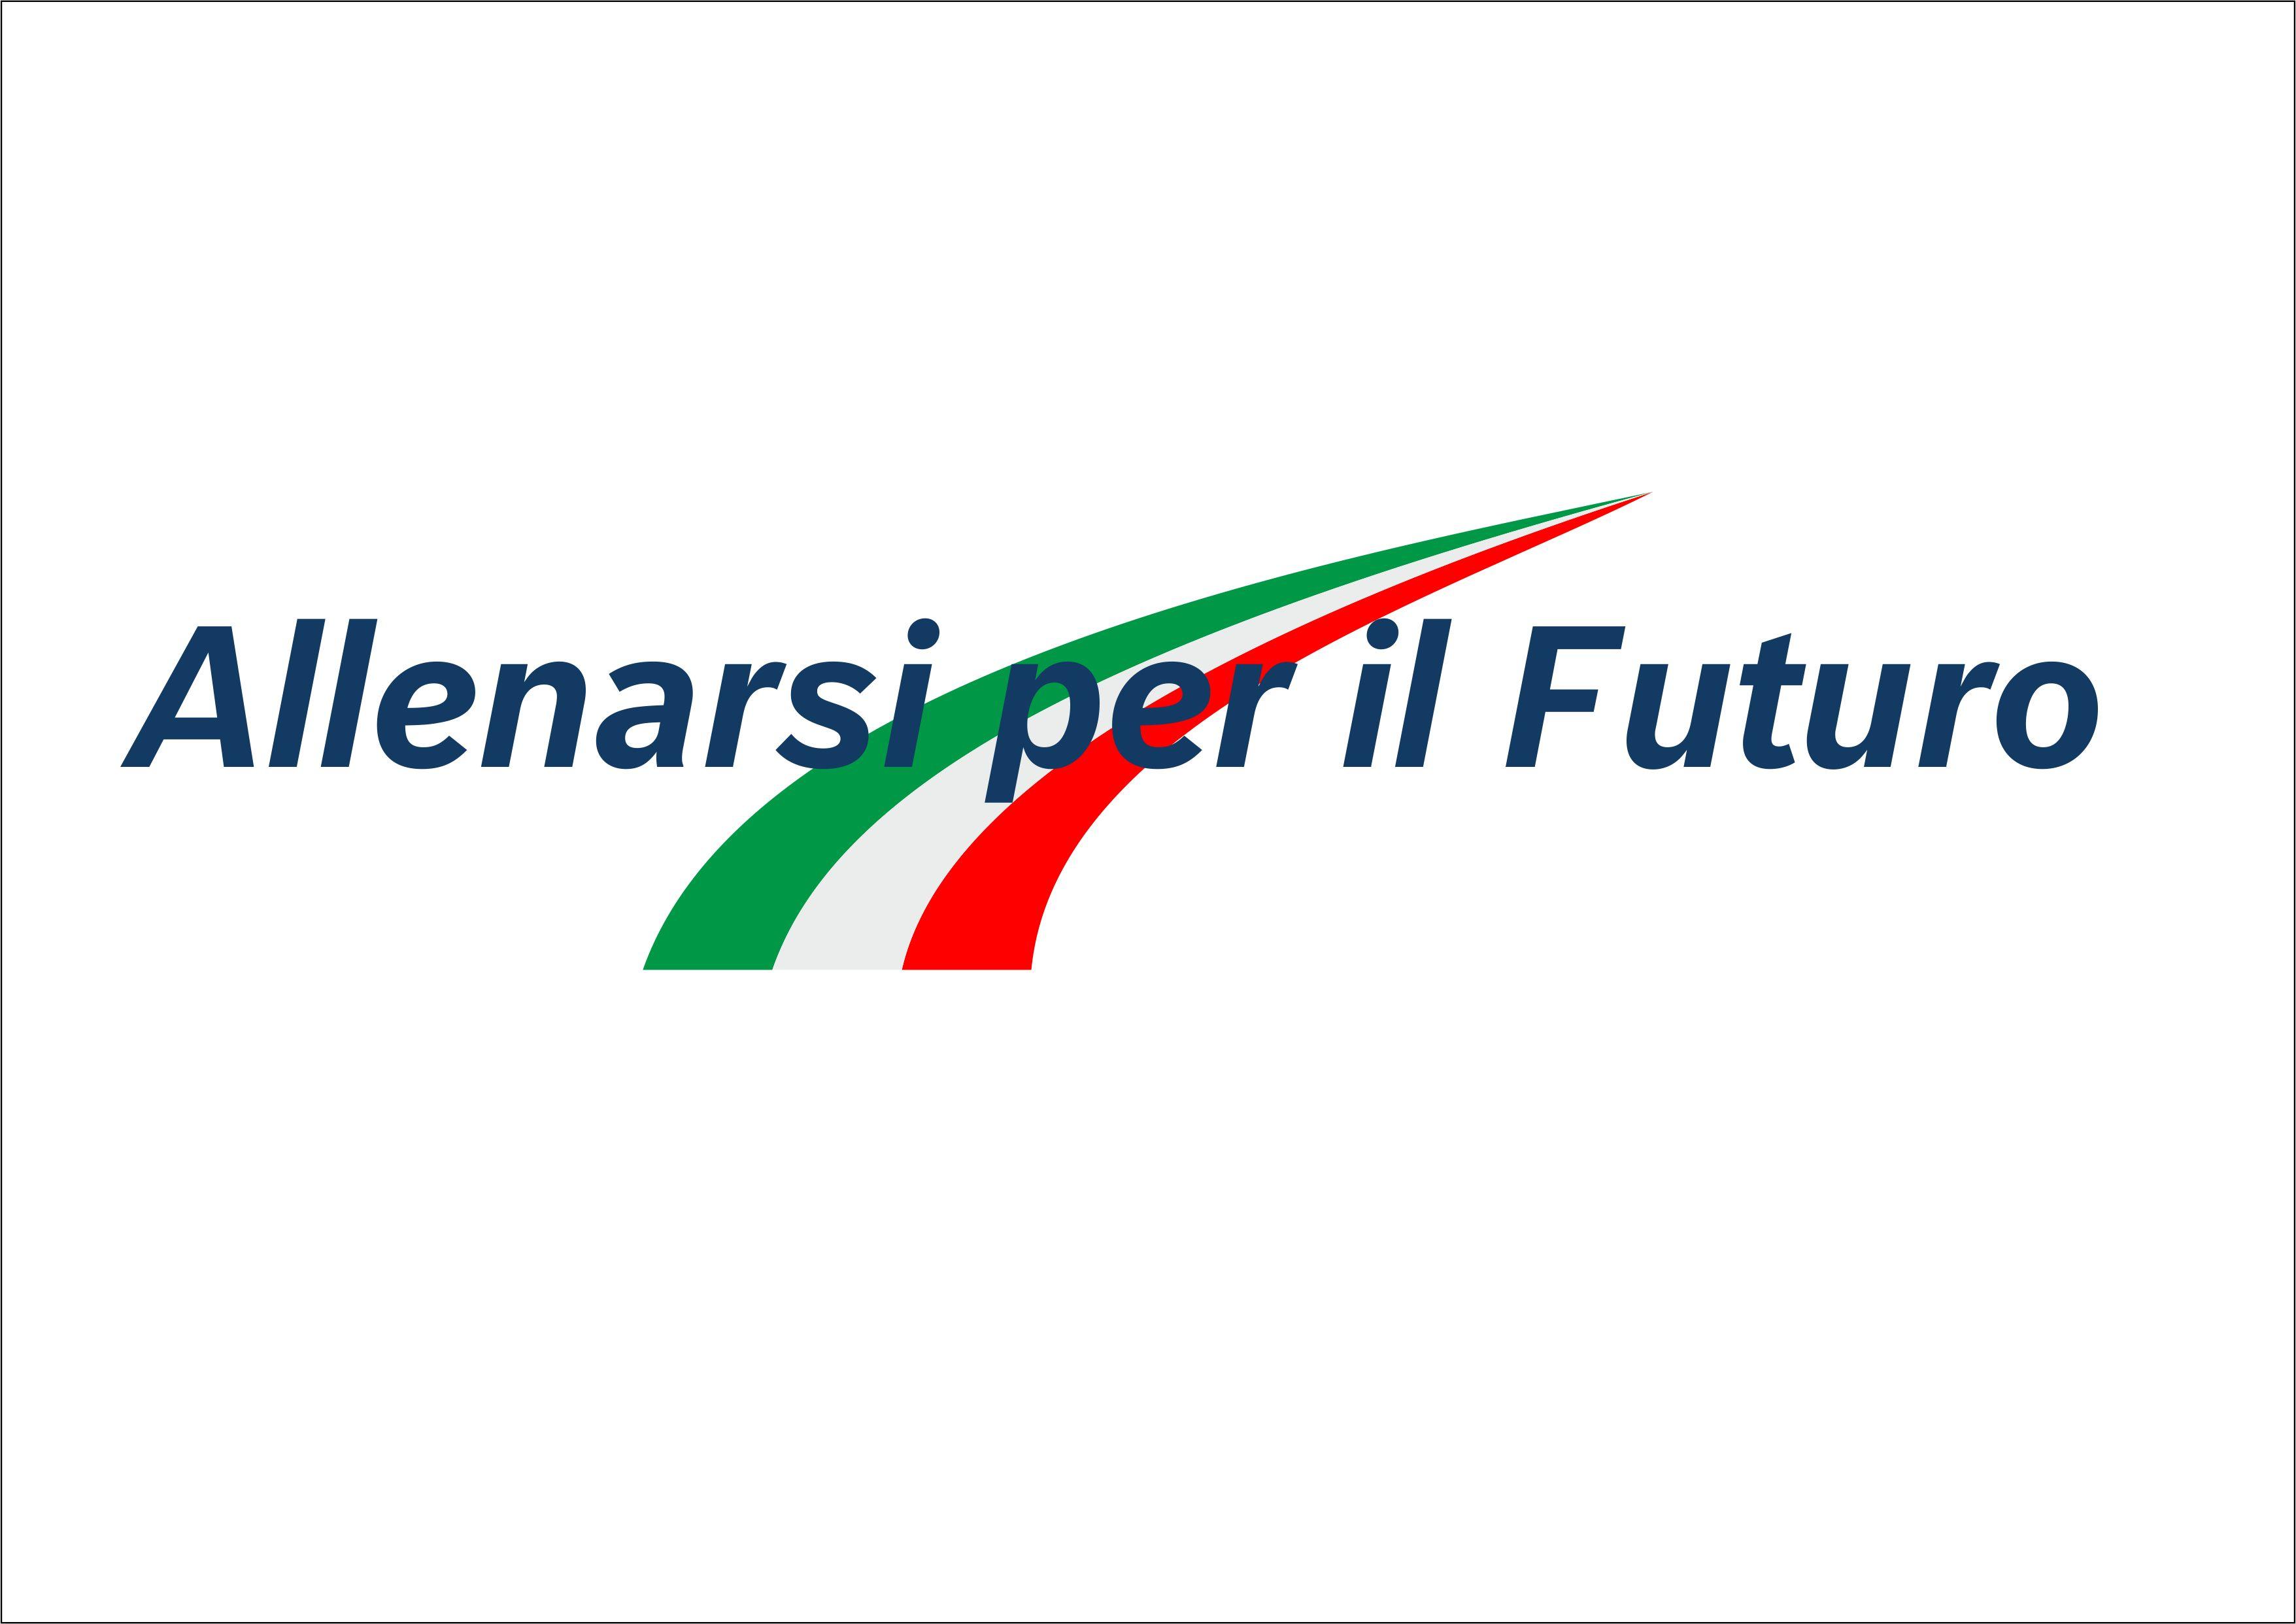 Allenarsi per il futuro Logo